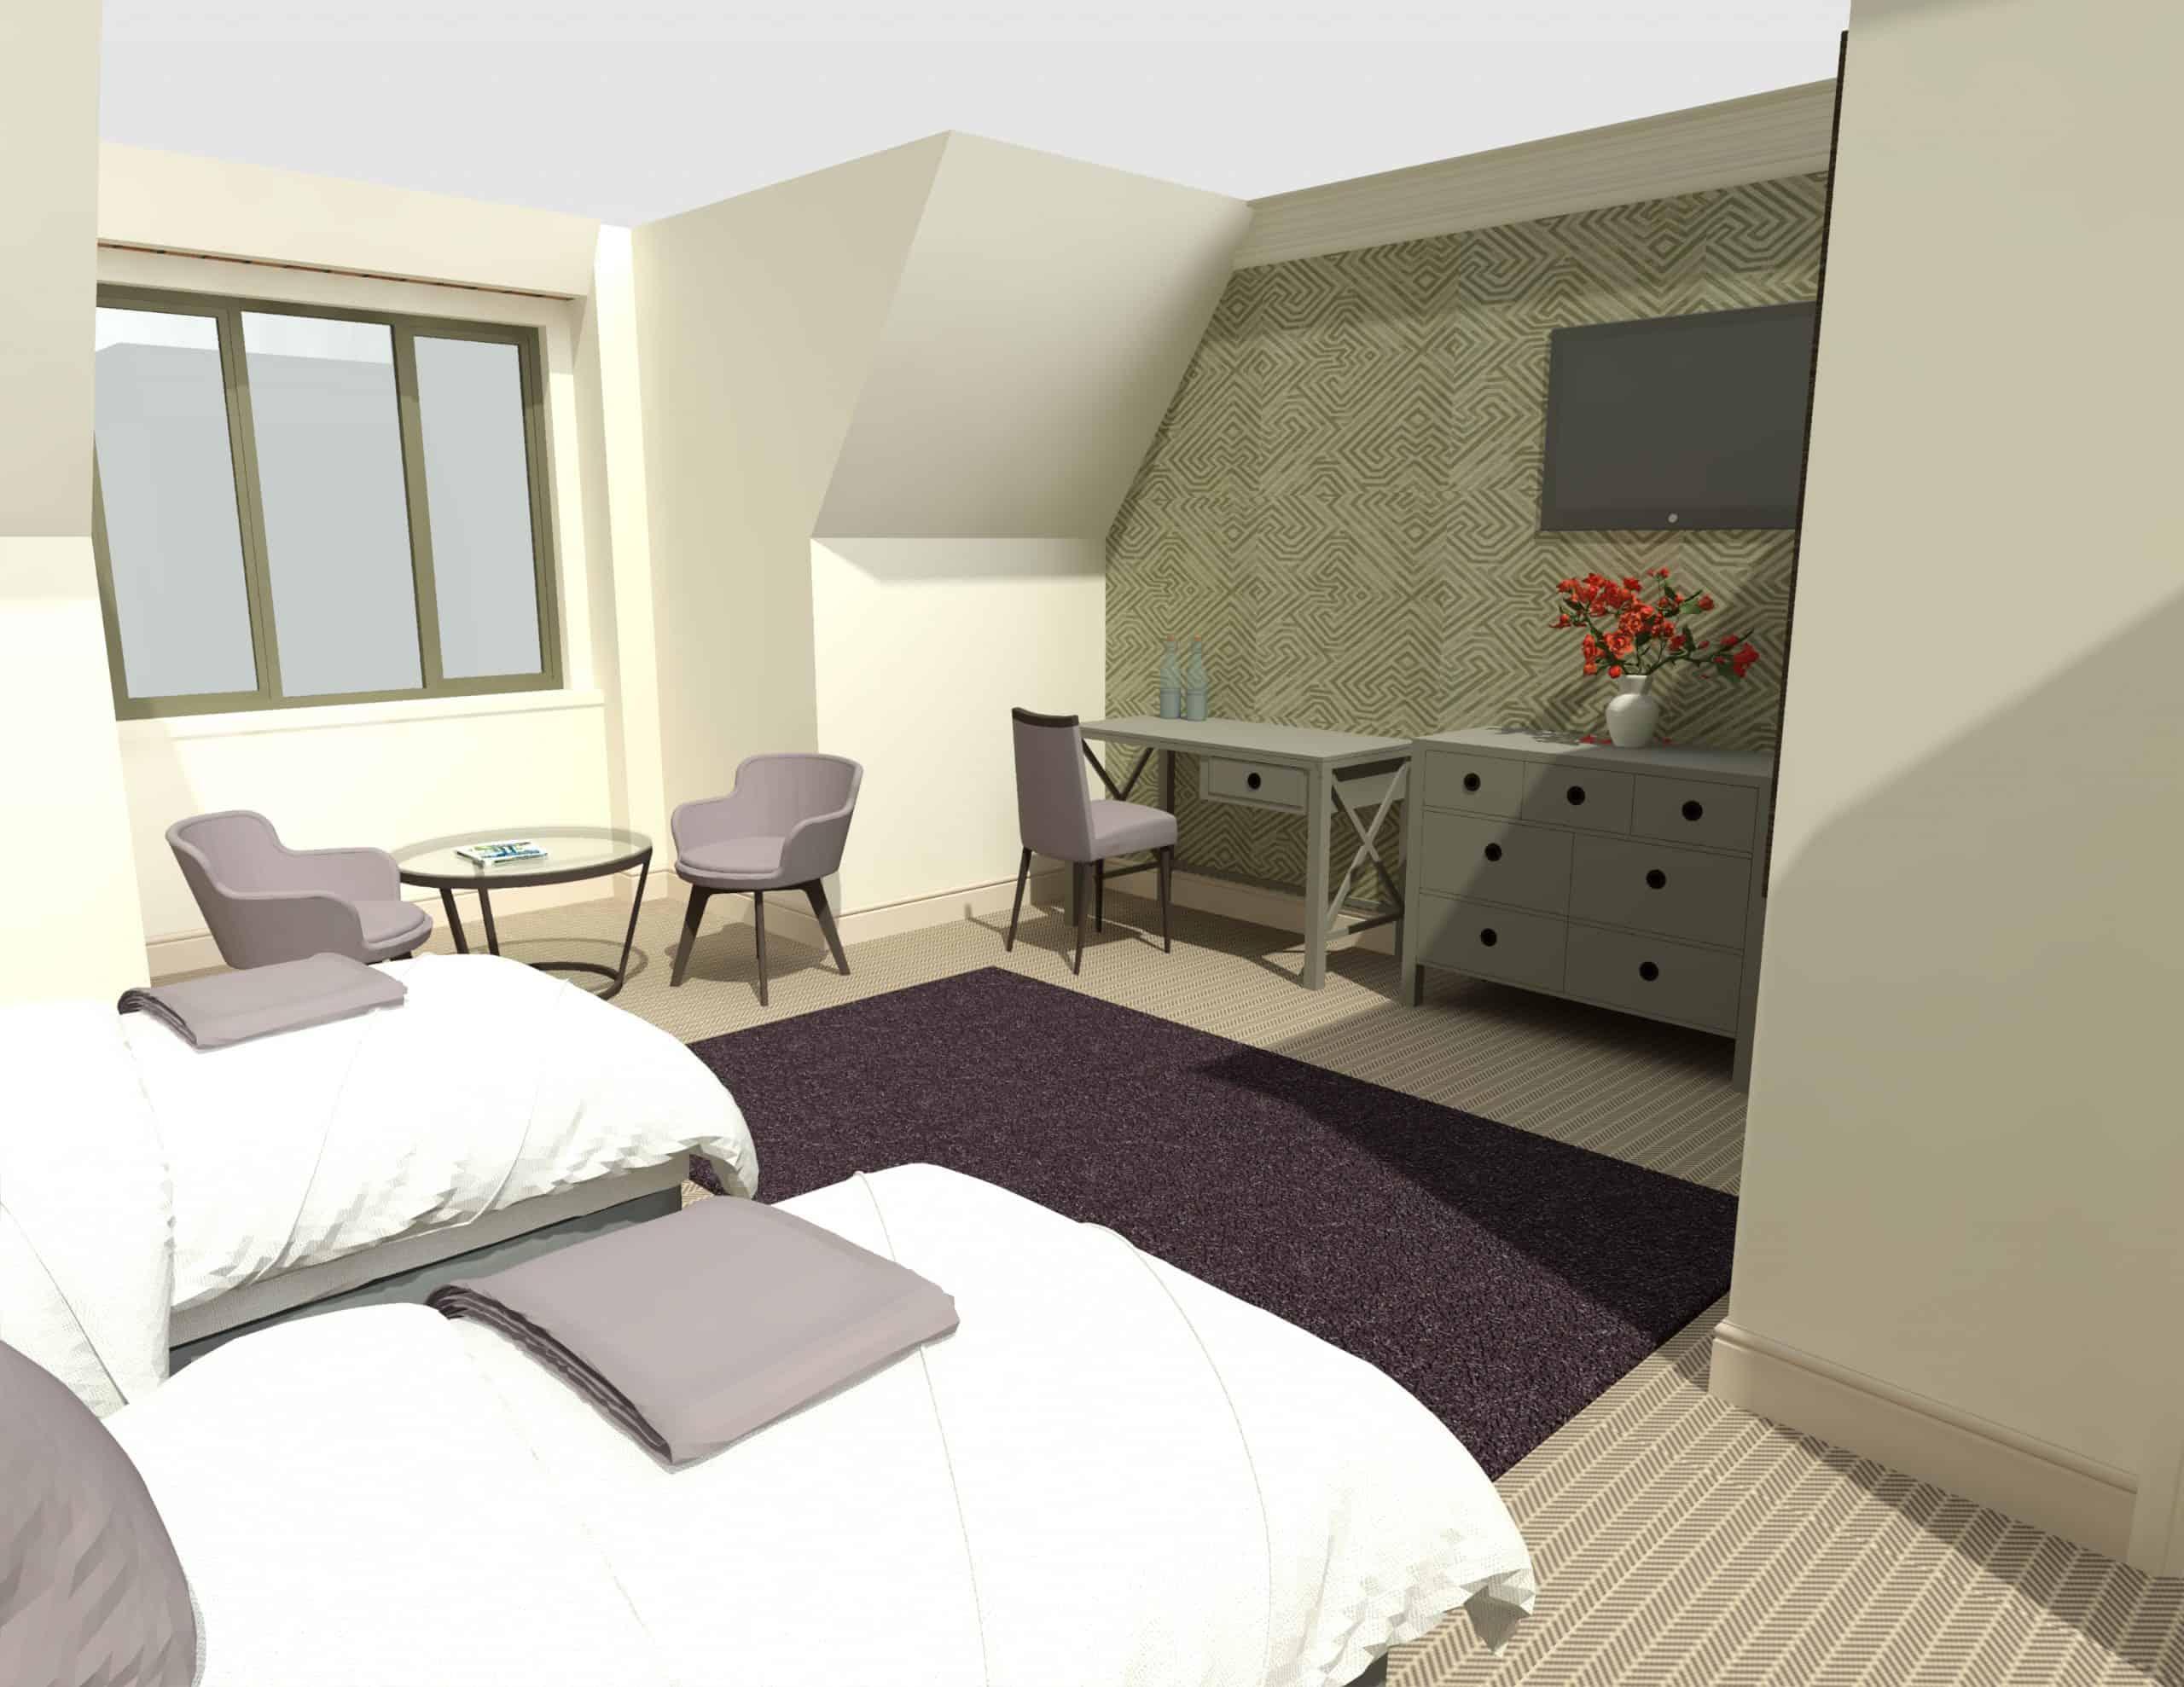 E1282 3Dmodel03 - 1st Flr Interior - Heacham Manor-Temp0024